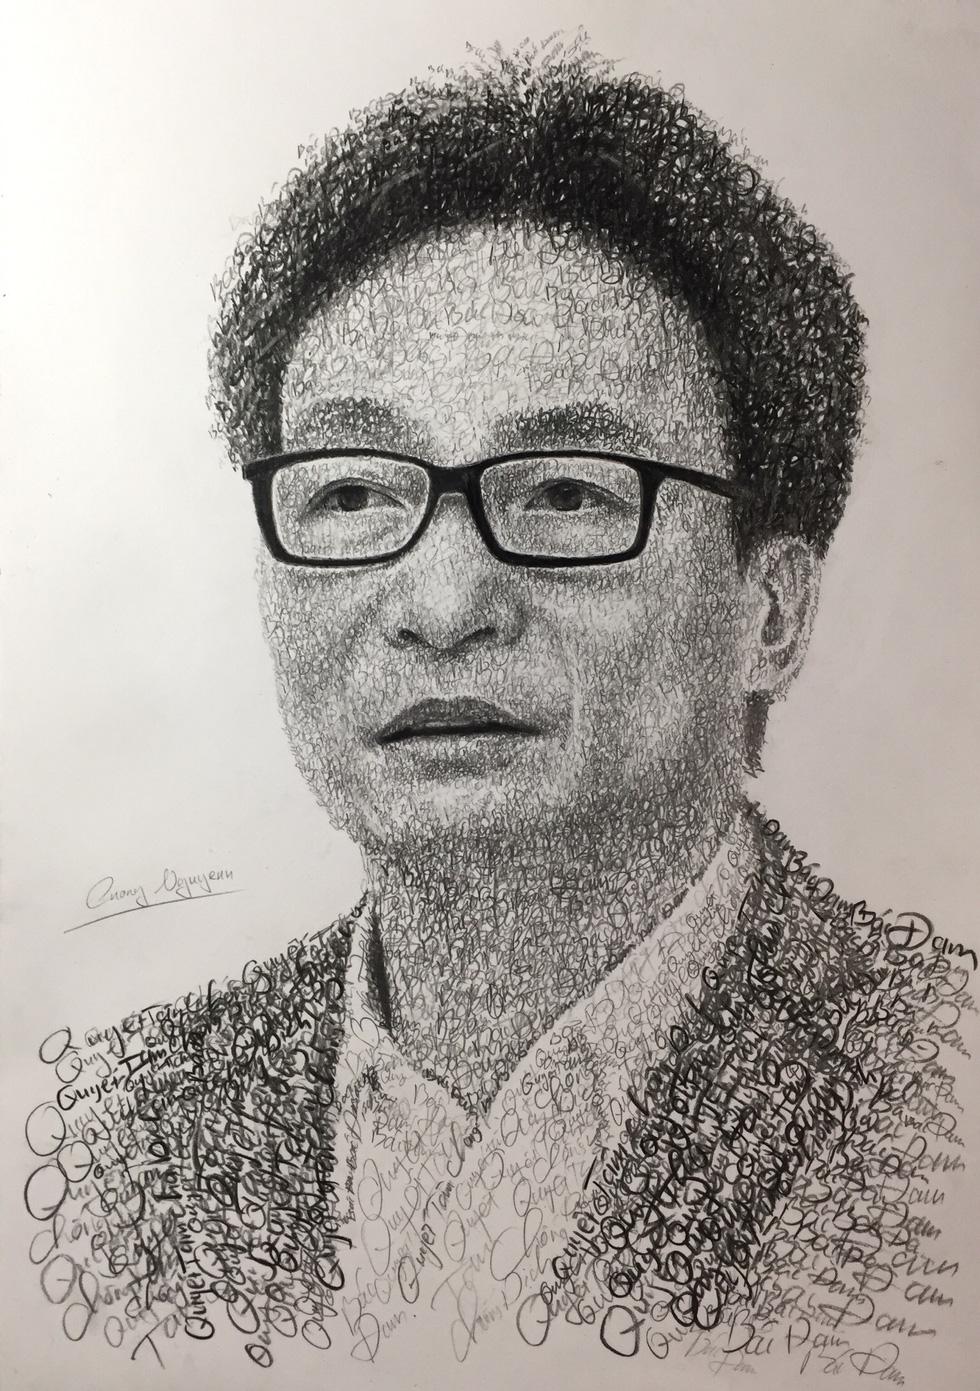 10X Bắc Ninh vẽ chân dung Bác Hồ bằng tên 63 tỉnh thành - Ảnh 4.